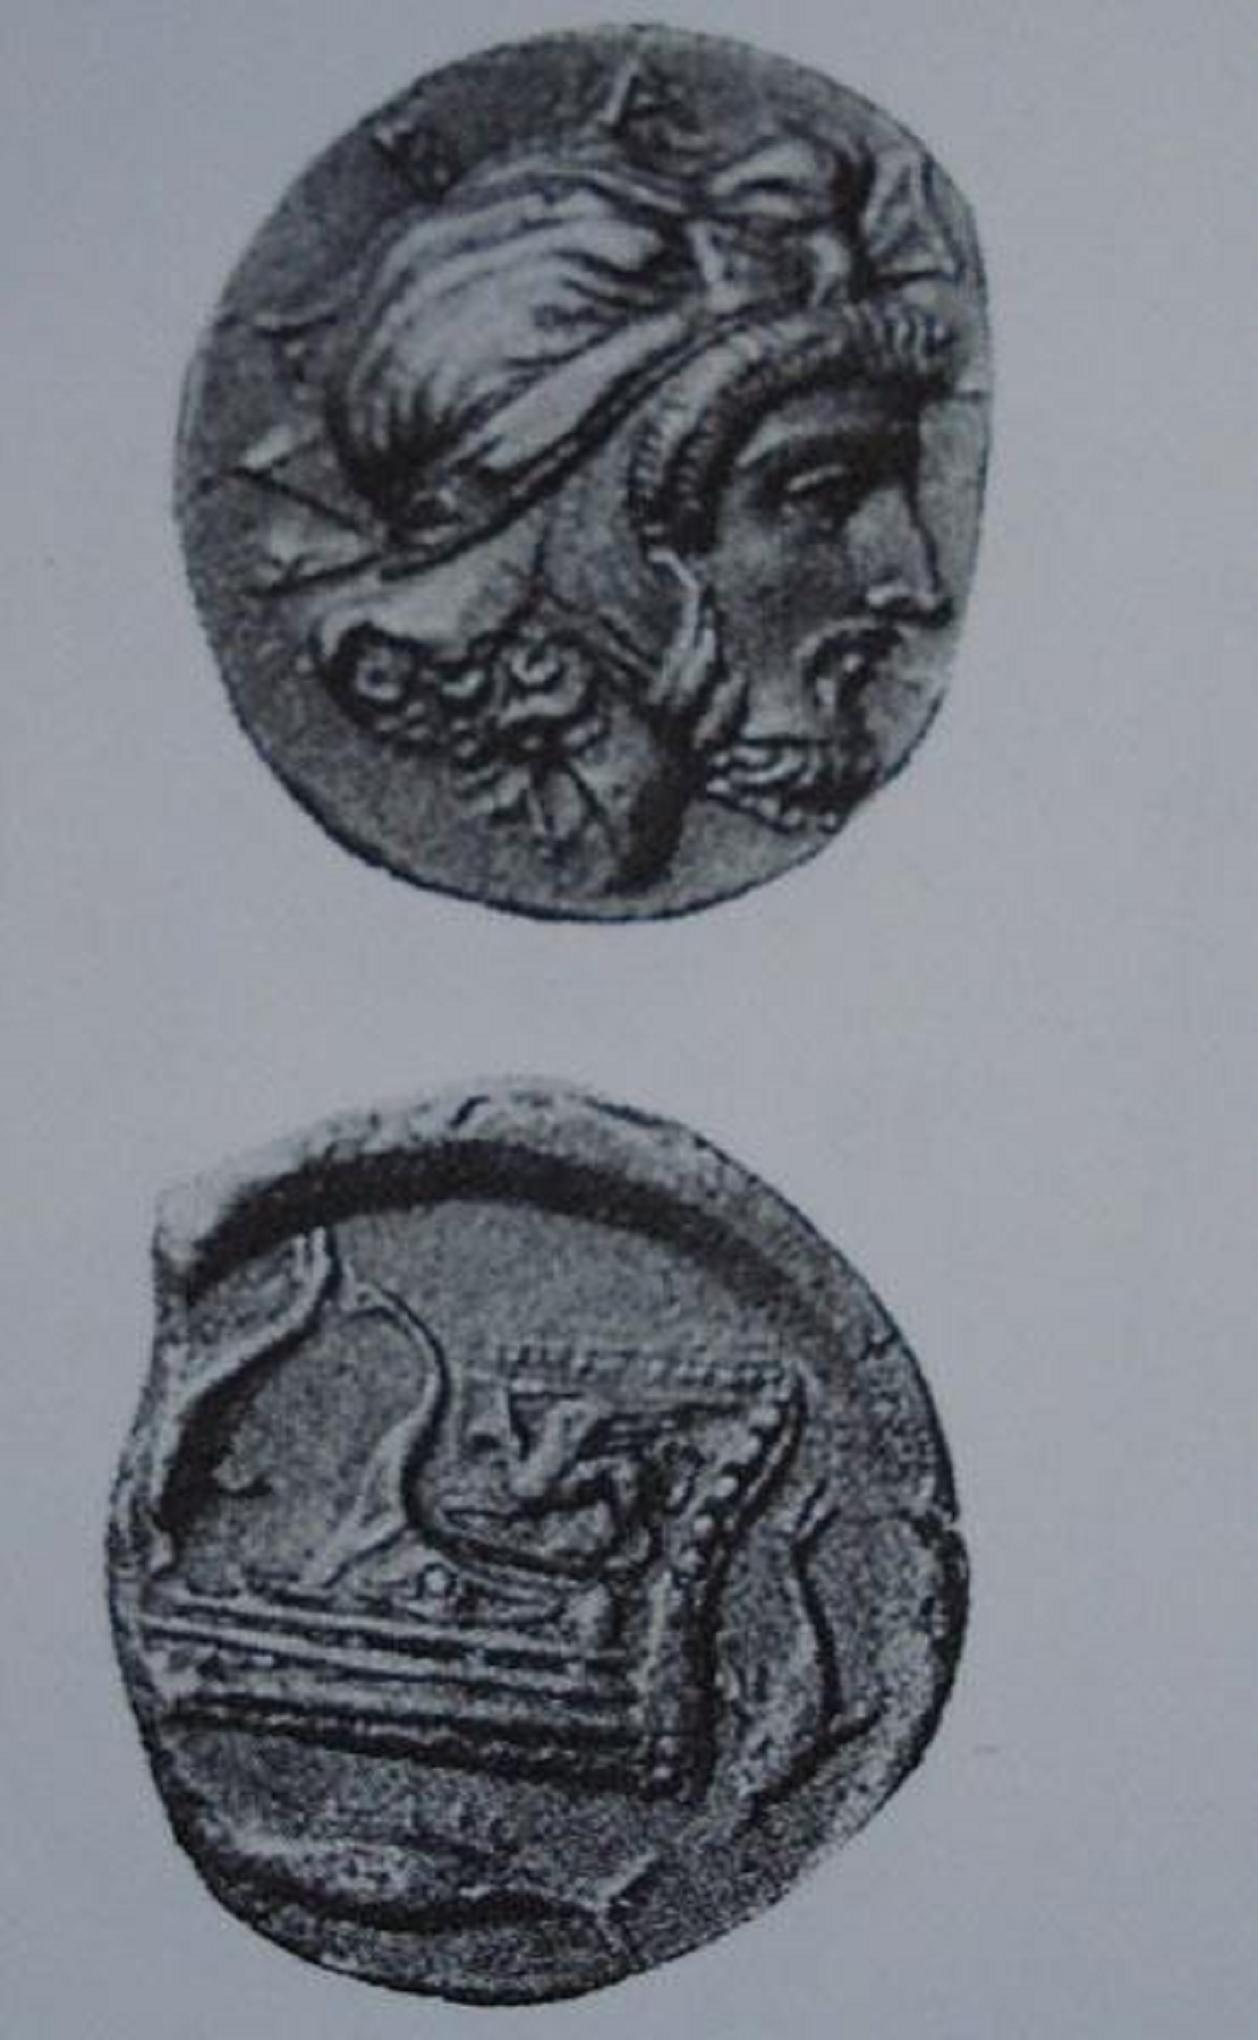 Ἀντώνης Σαμαρᾶς. Ἀντώνης ἤ Ἀνταλκίδας;2